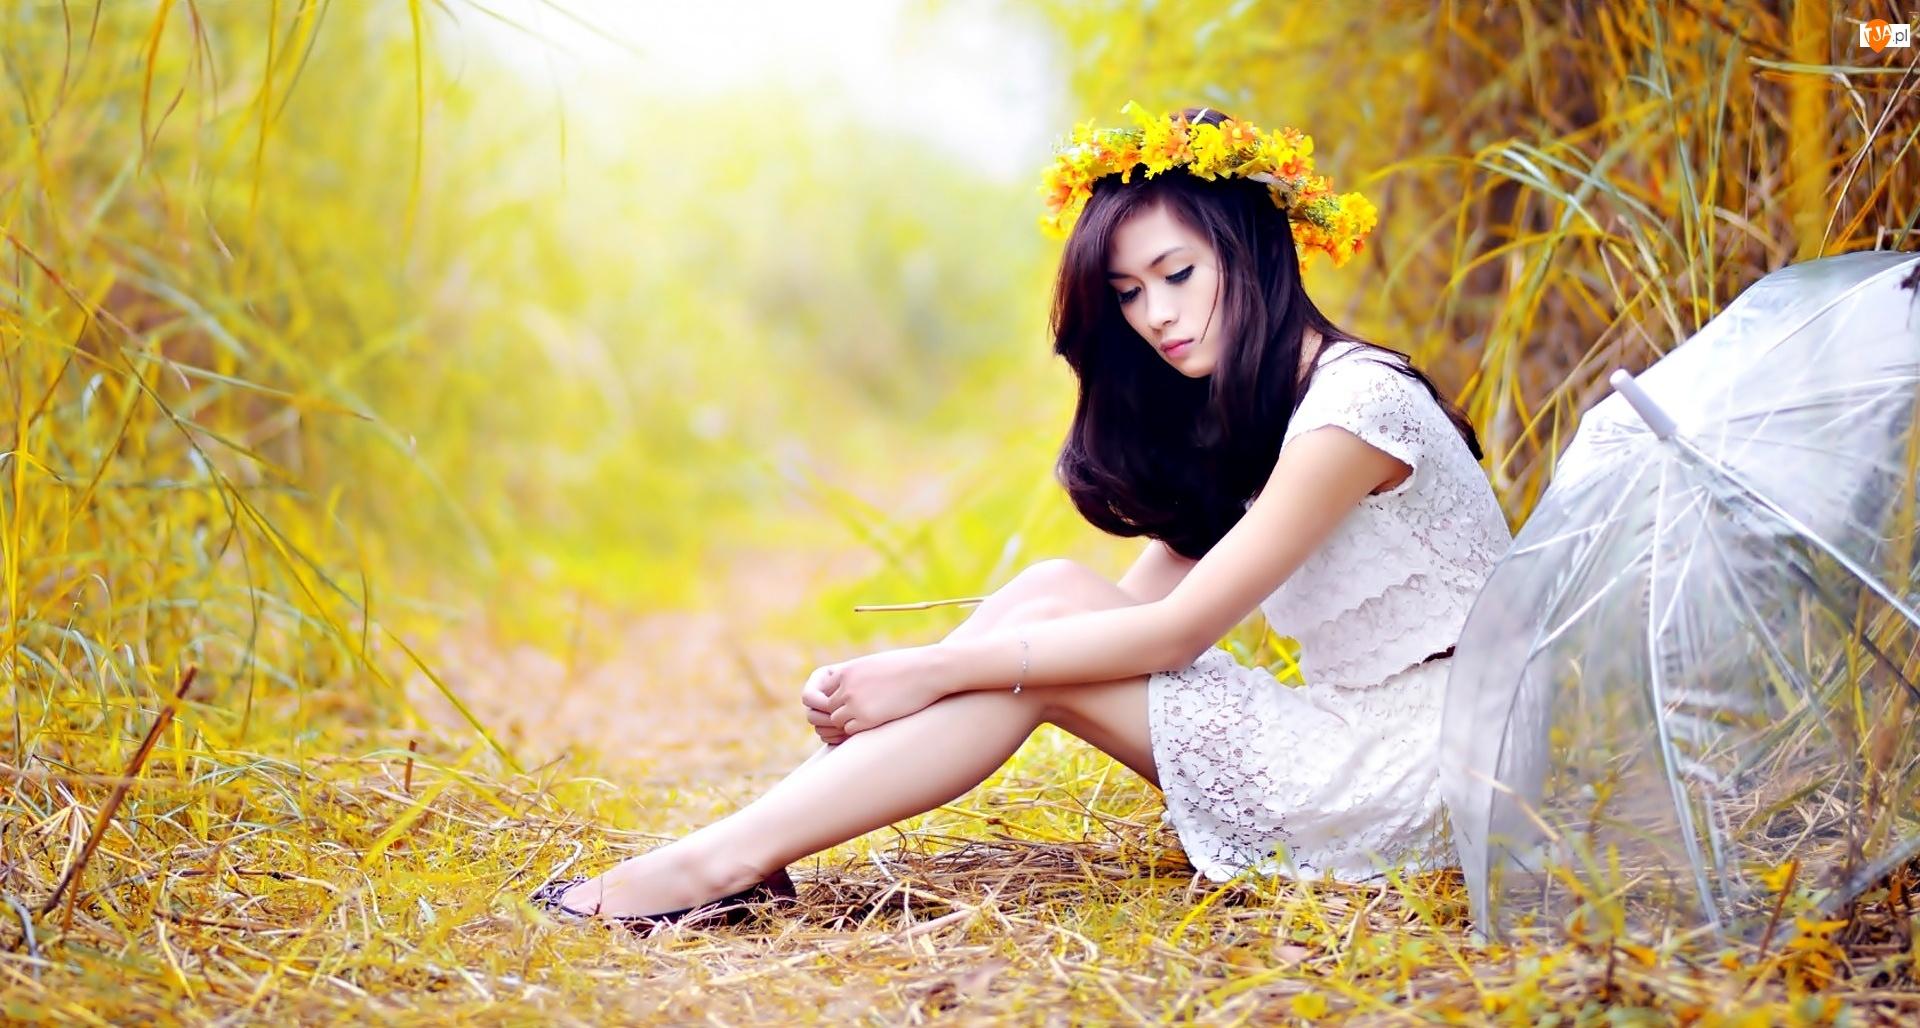 Parasol, Kobieta, Kwiaty, Żółte, Wianek